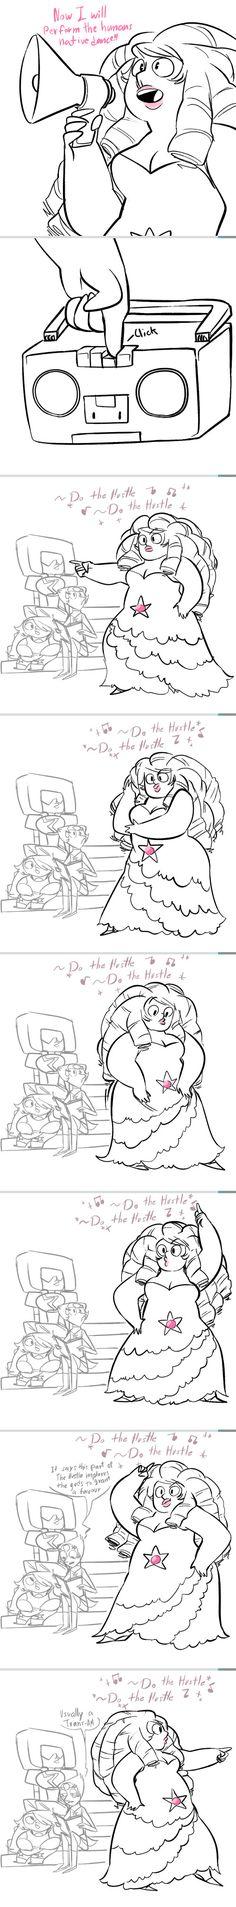 Steven universe/ Futurama :P